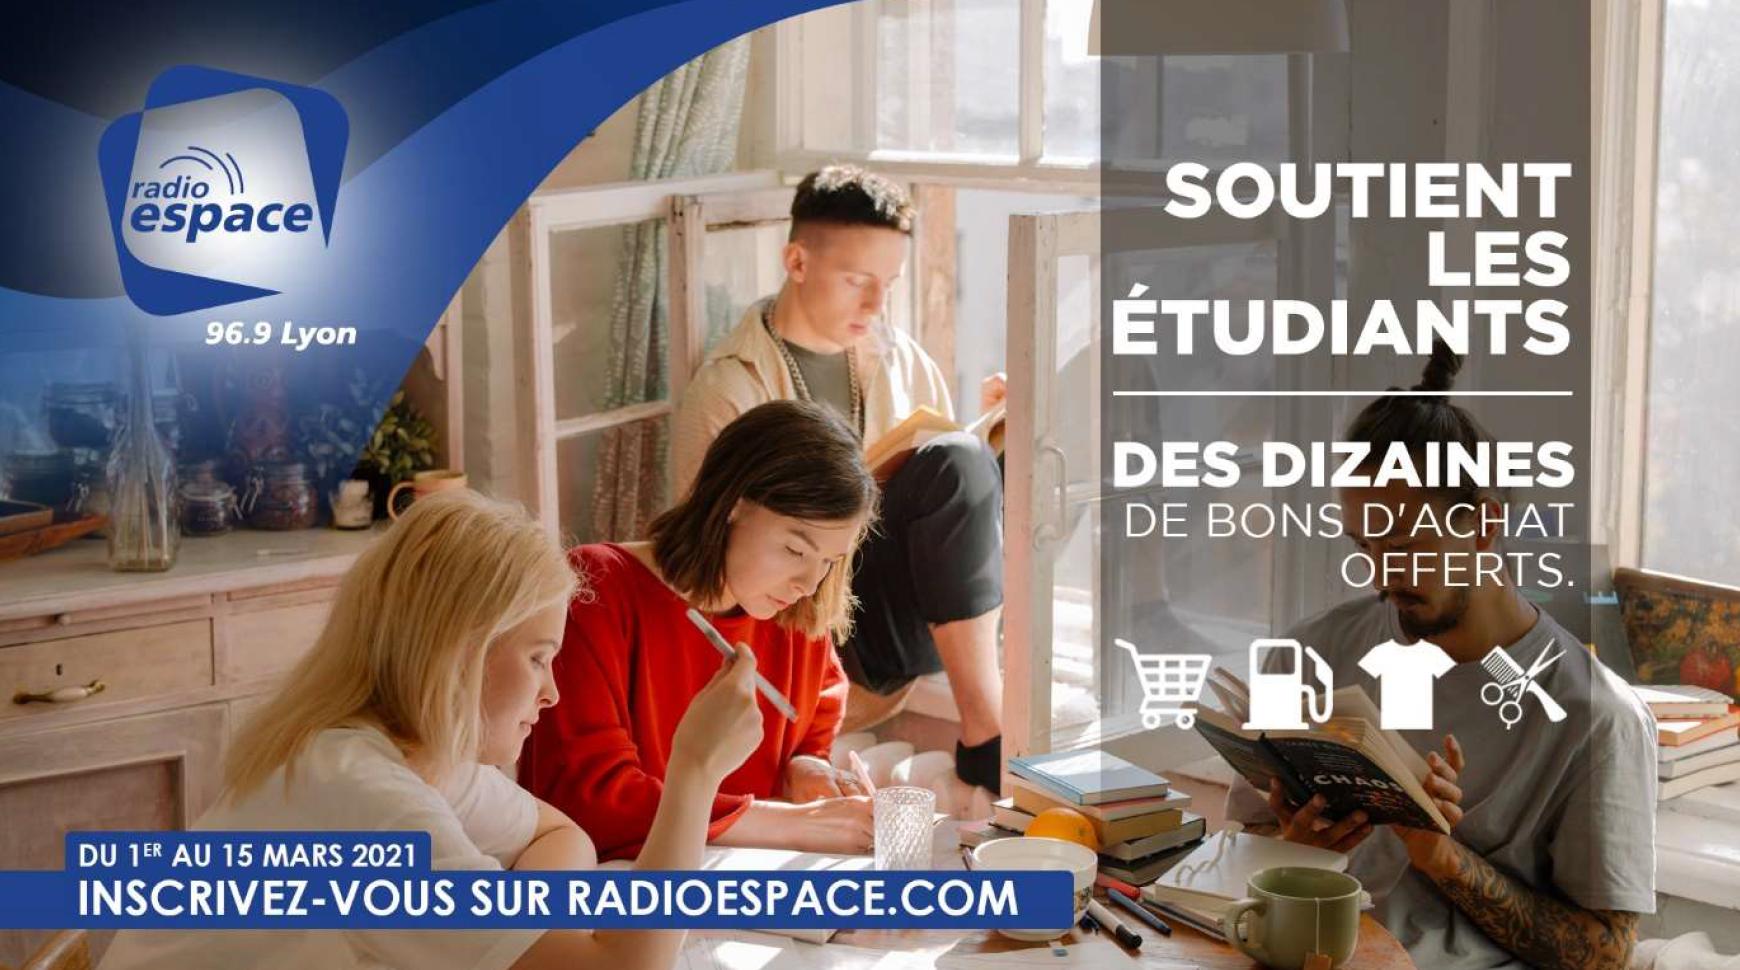 Les radios d'Espace Group impliquées dans la vie locale